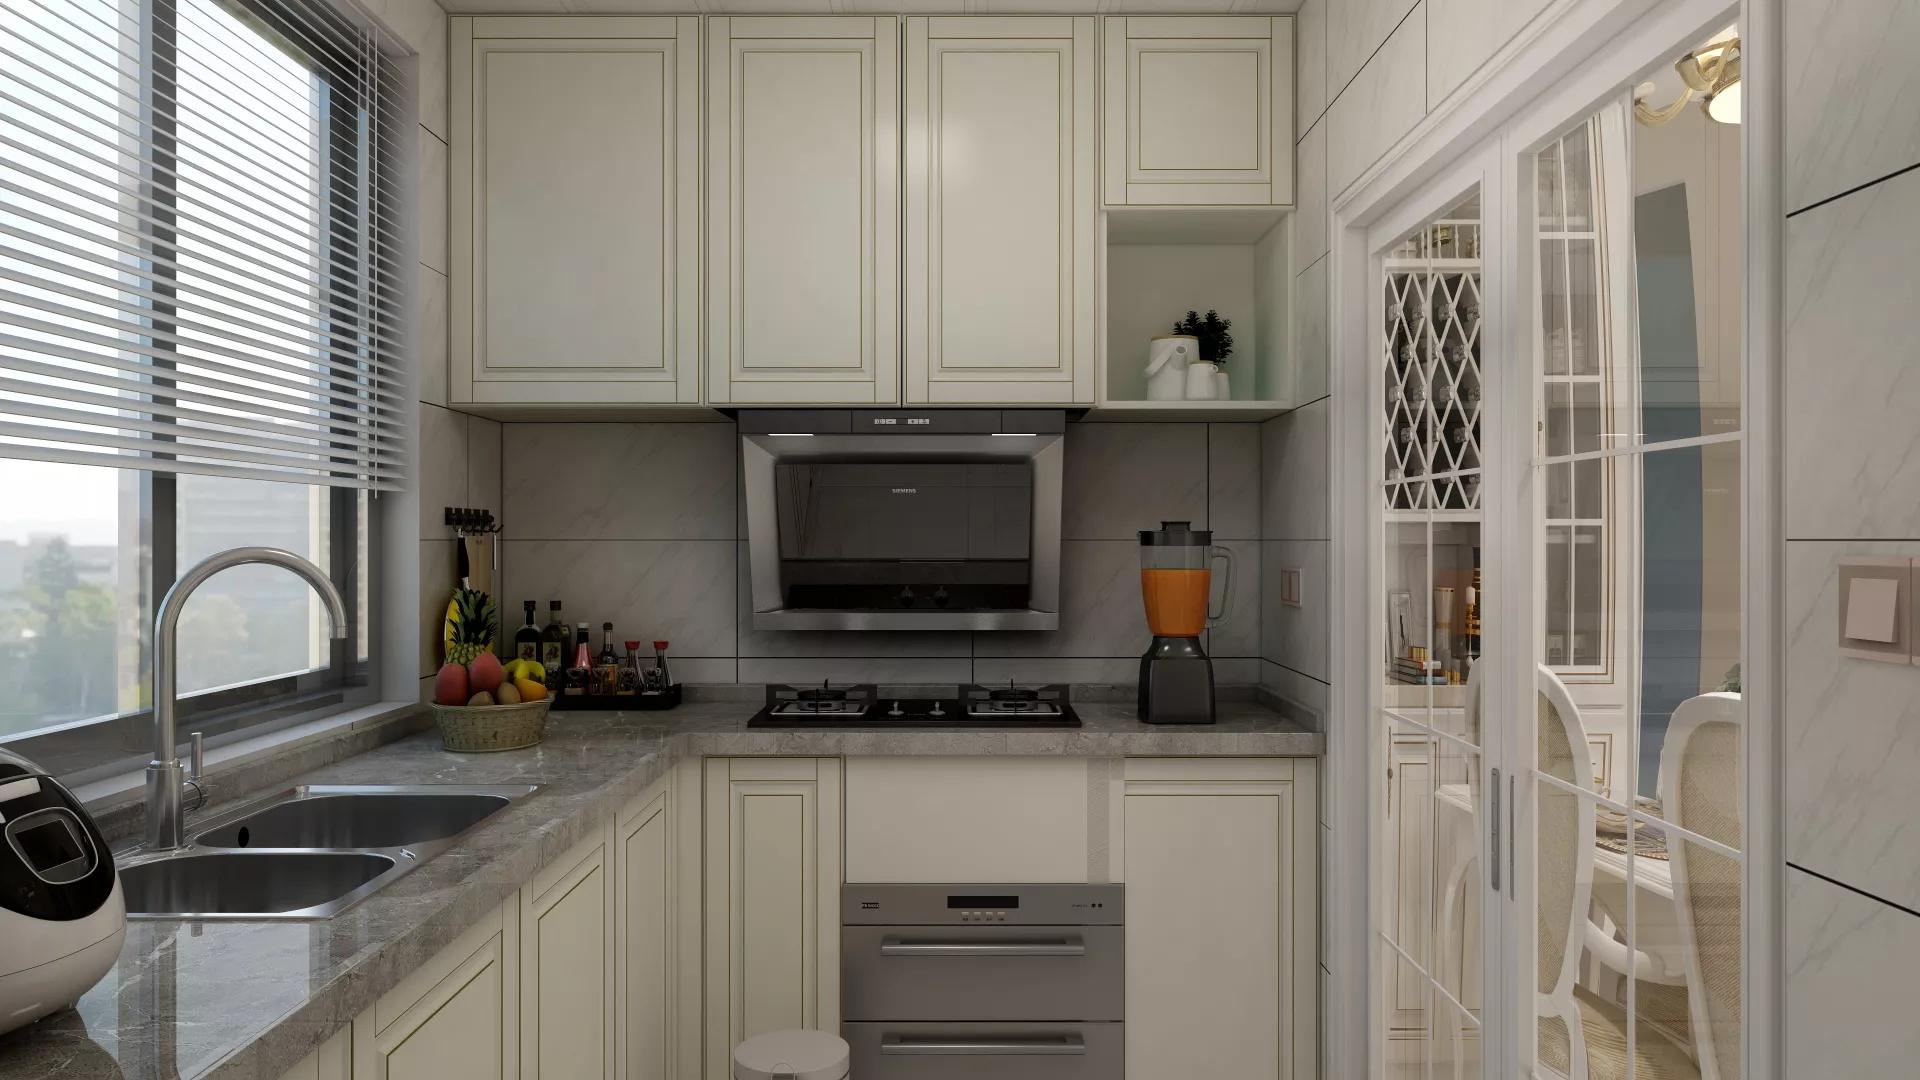 家用插座暗盒如何安装 家用插座安装高度是多少